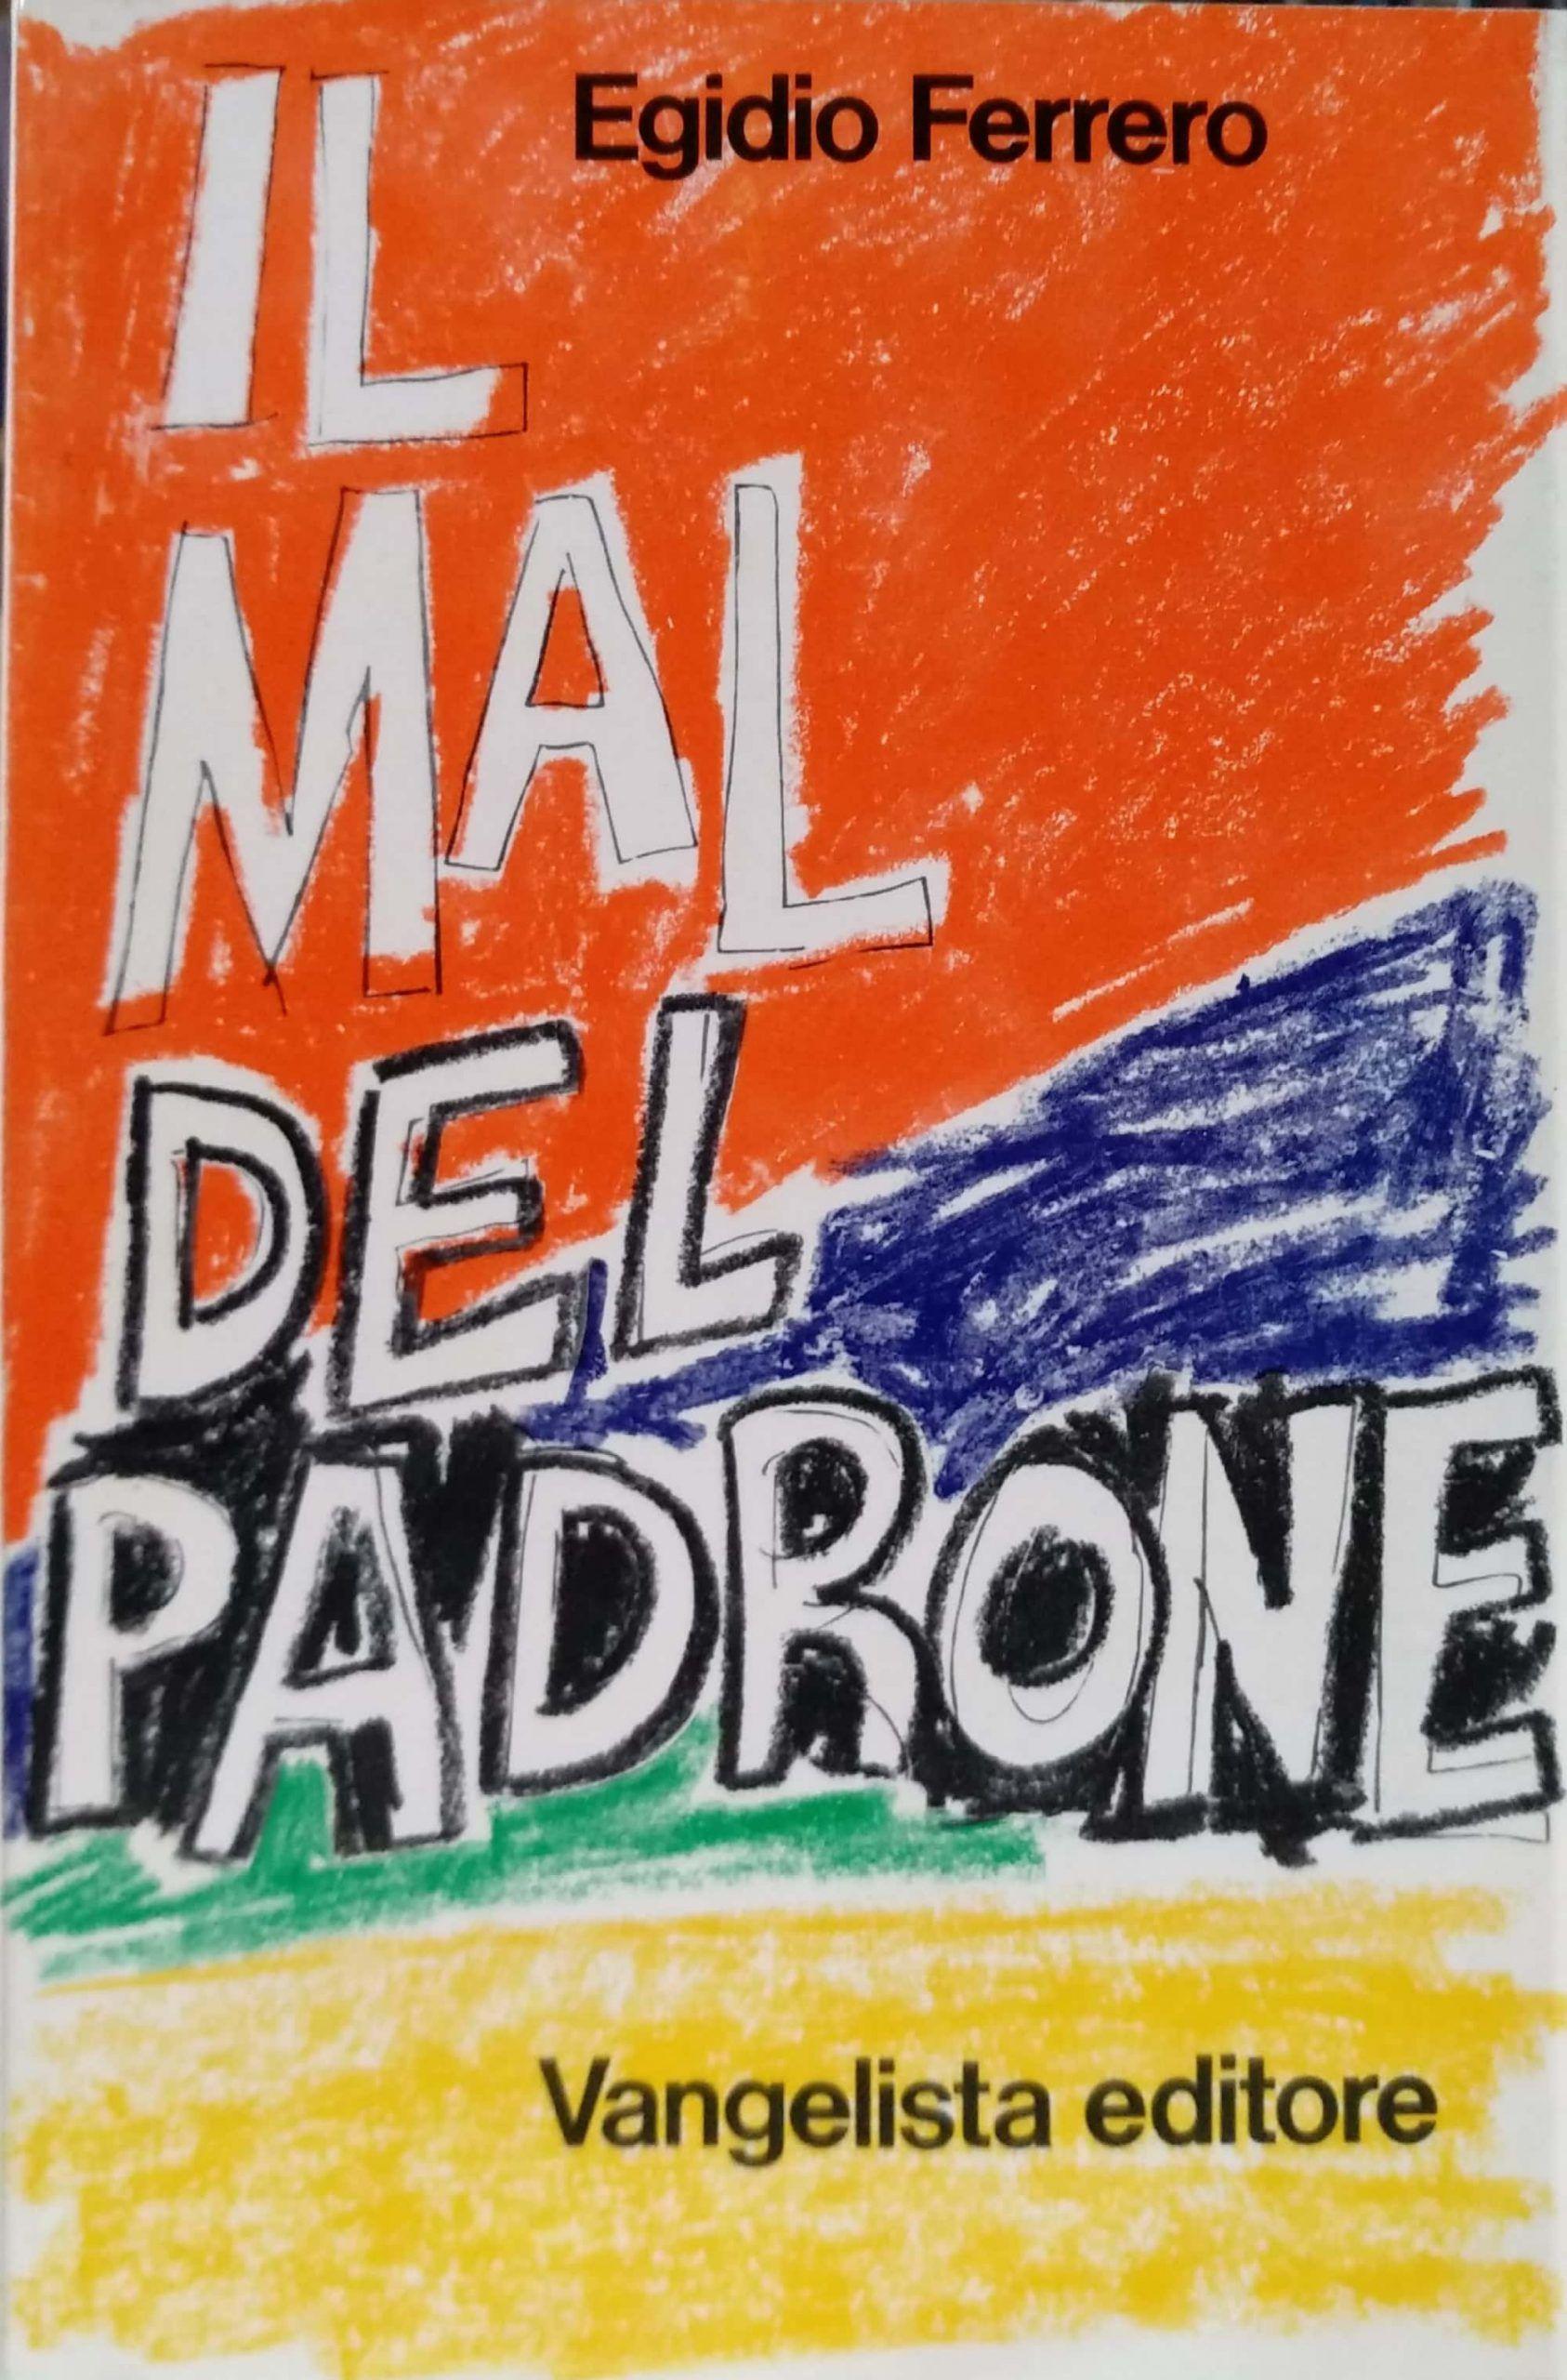 Egidio Ferrero, uno scrittore scomparso, dimenticato, sottovalutato!